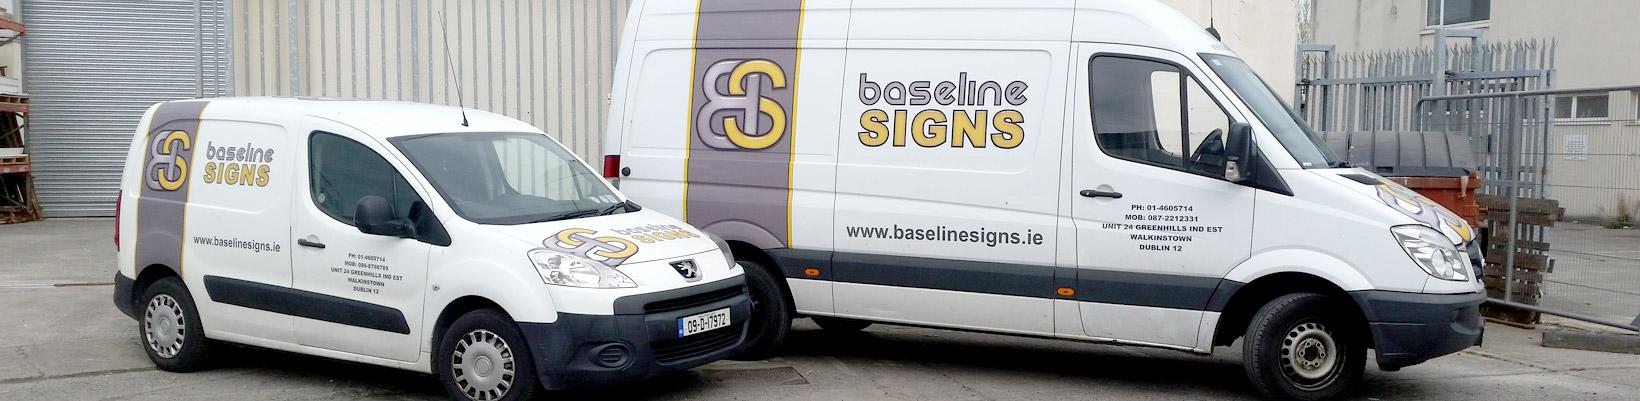 Baseline Signs Vans